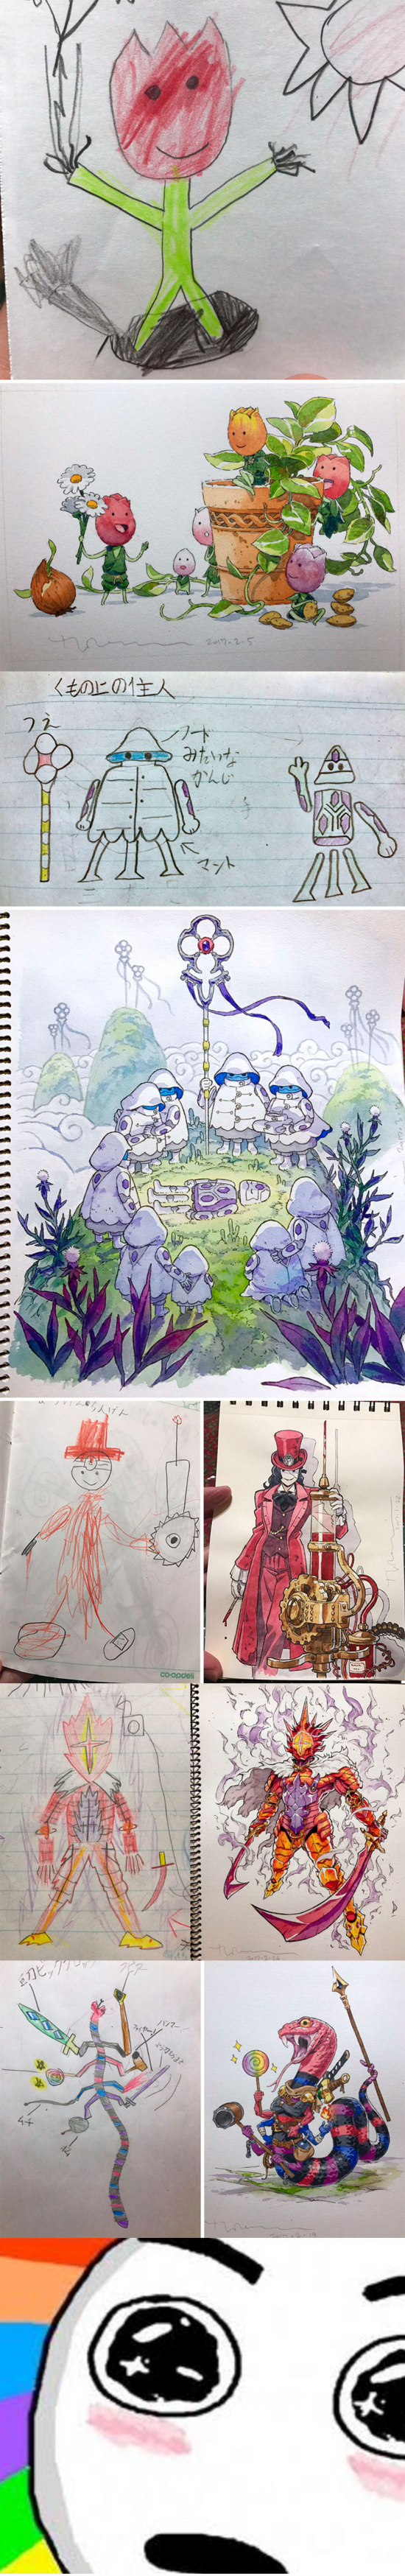 Meme_otros - Este padre convierte los dibujos que hacen sus hijos en obras de arte